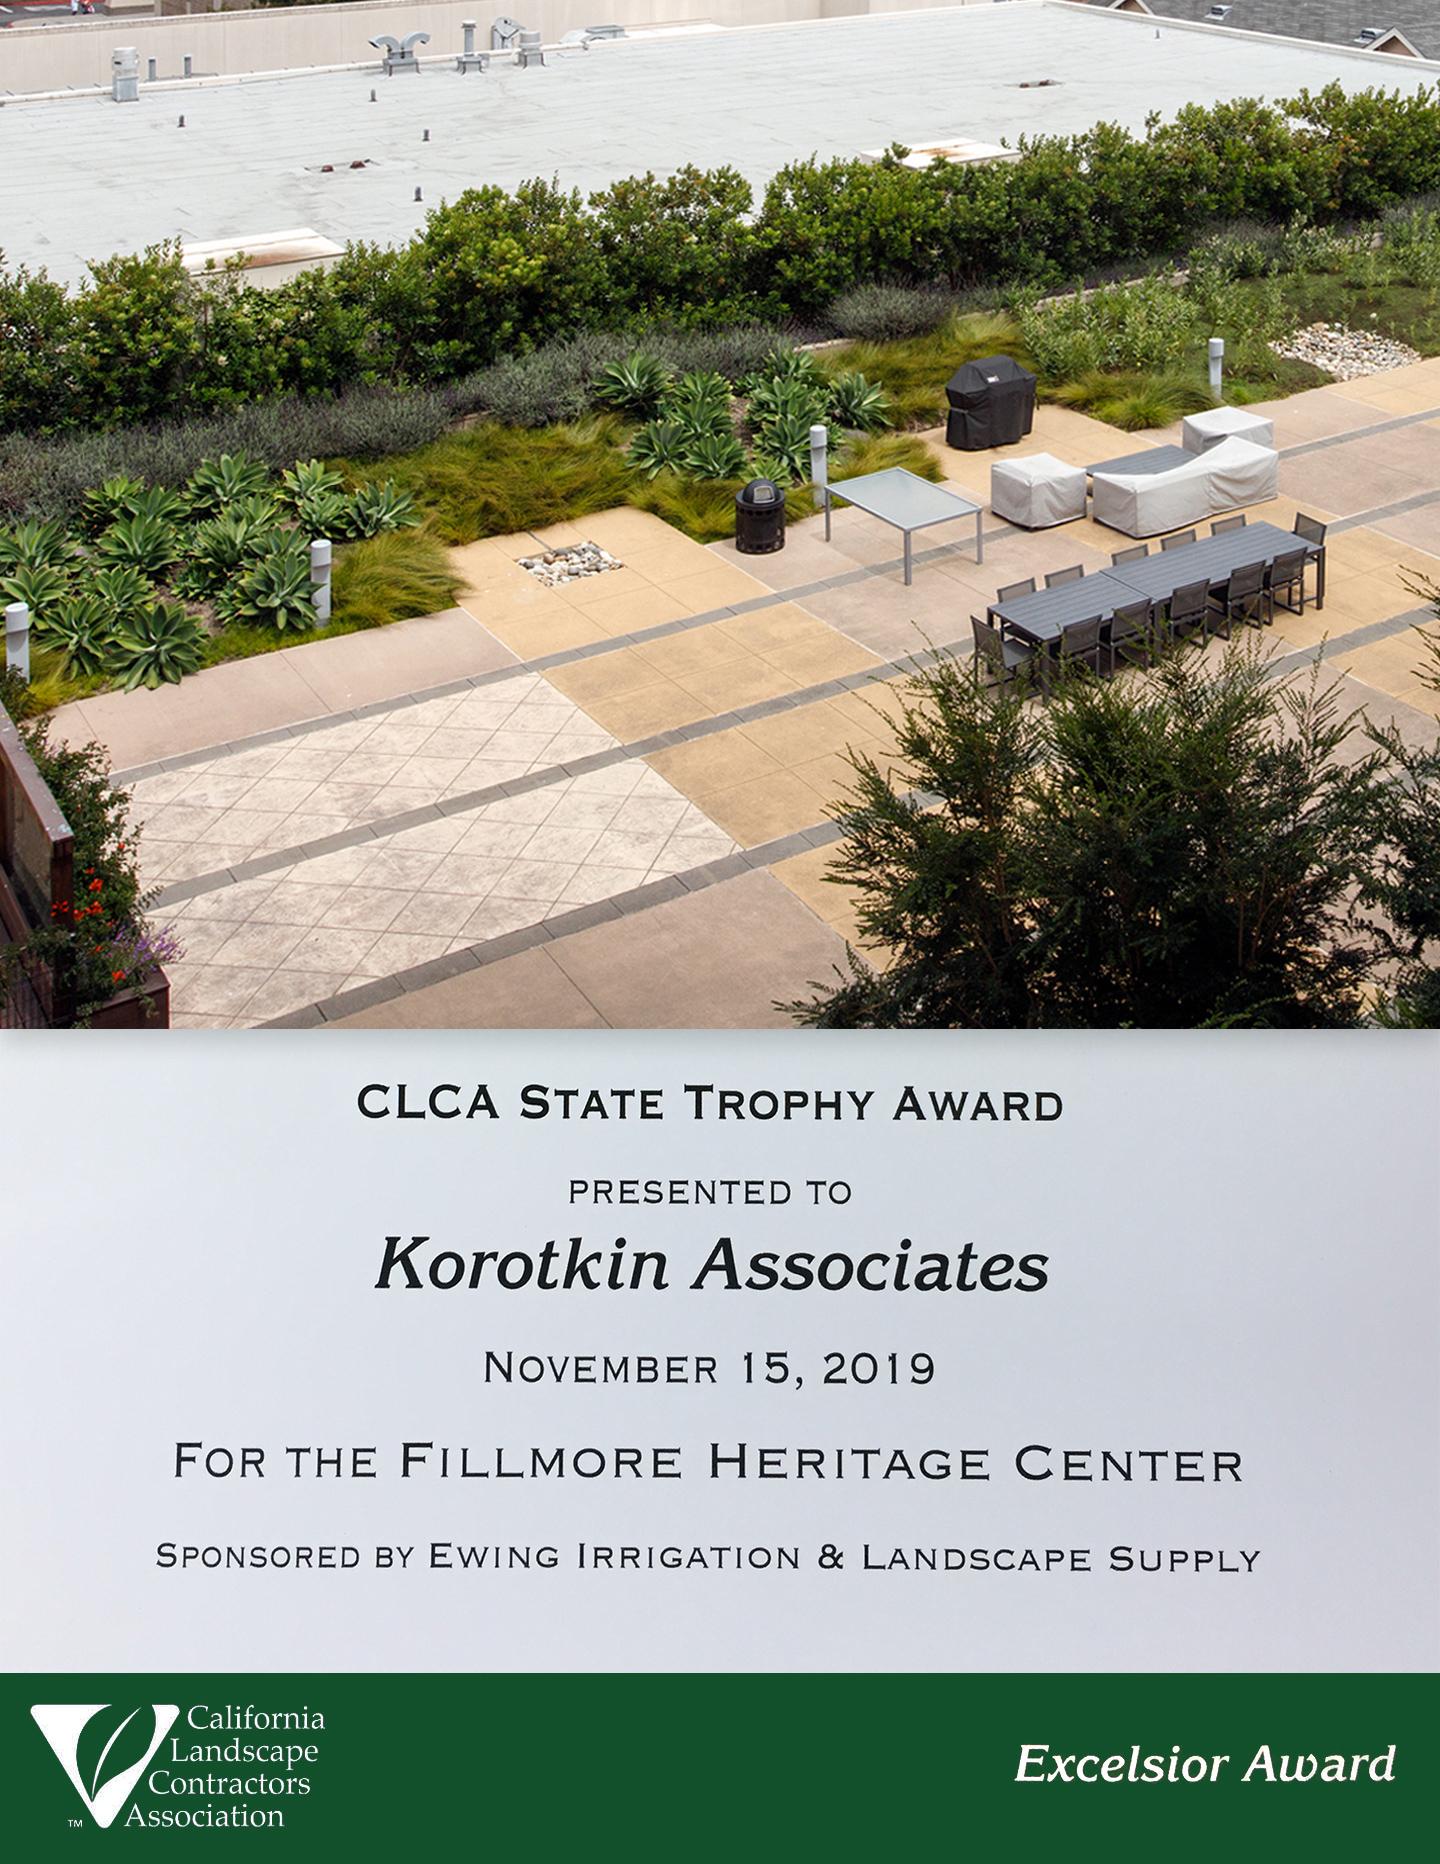 CLCA Award